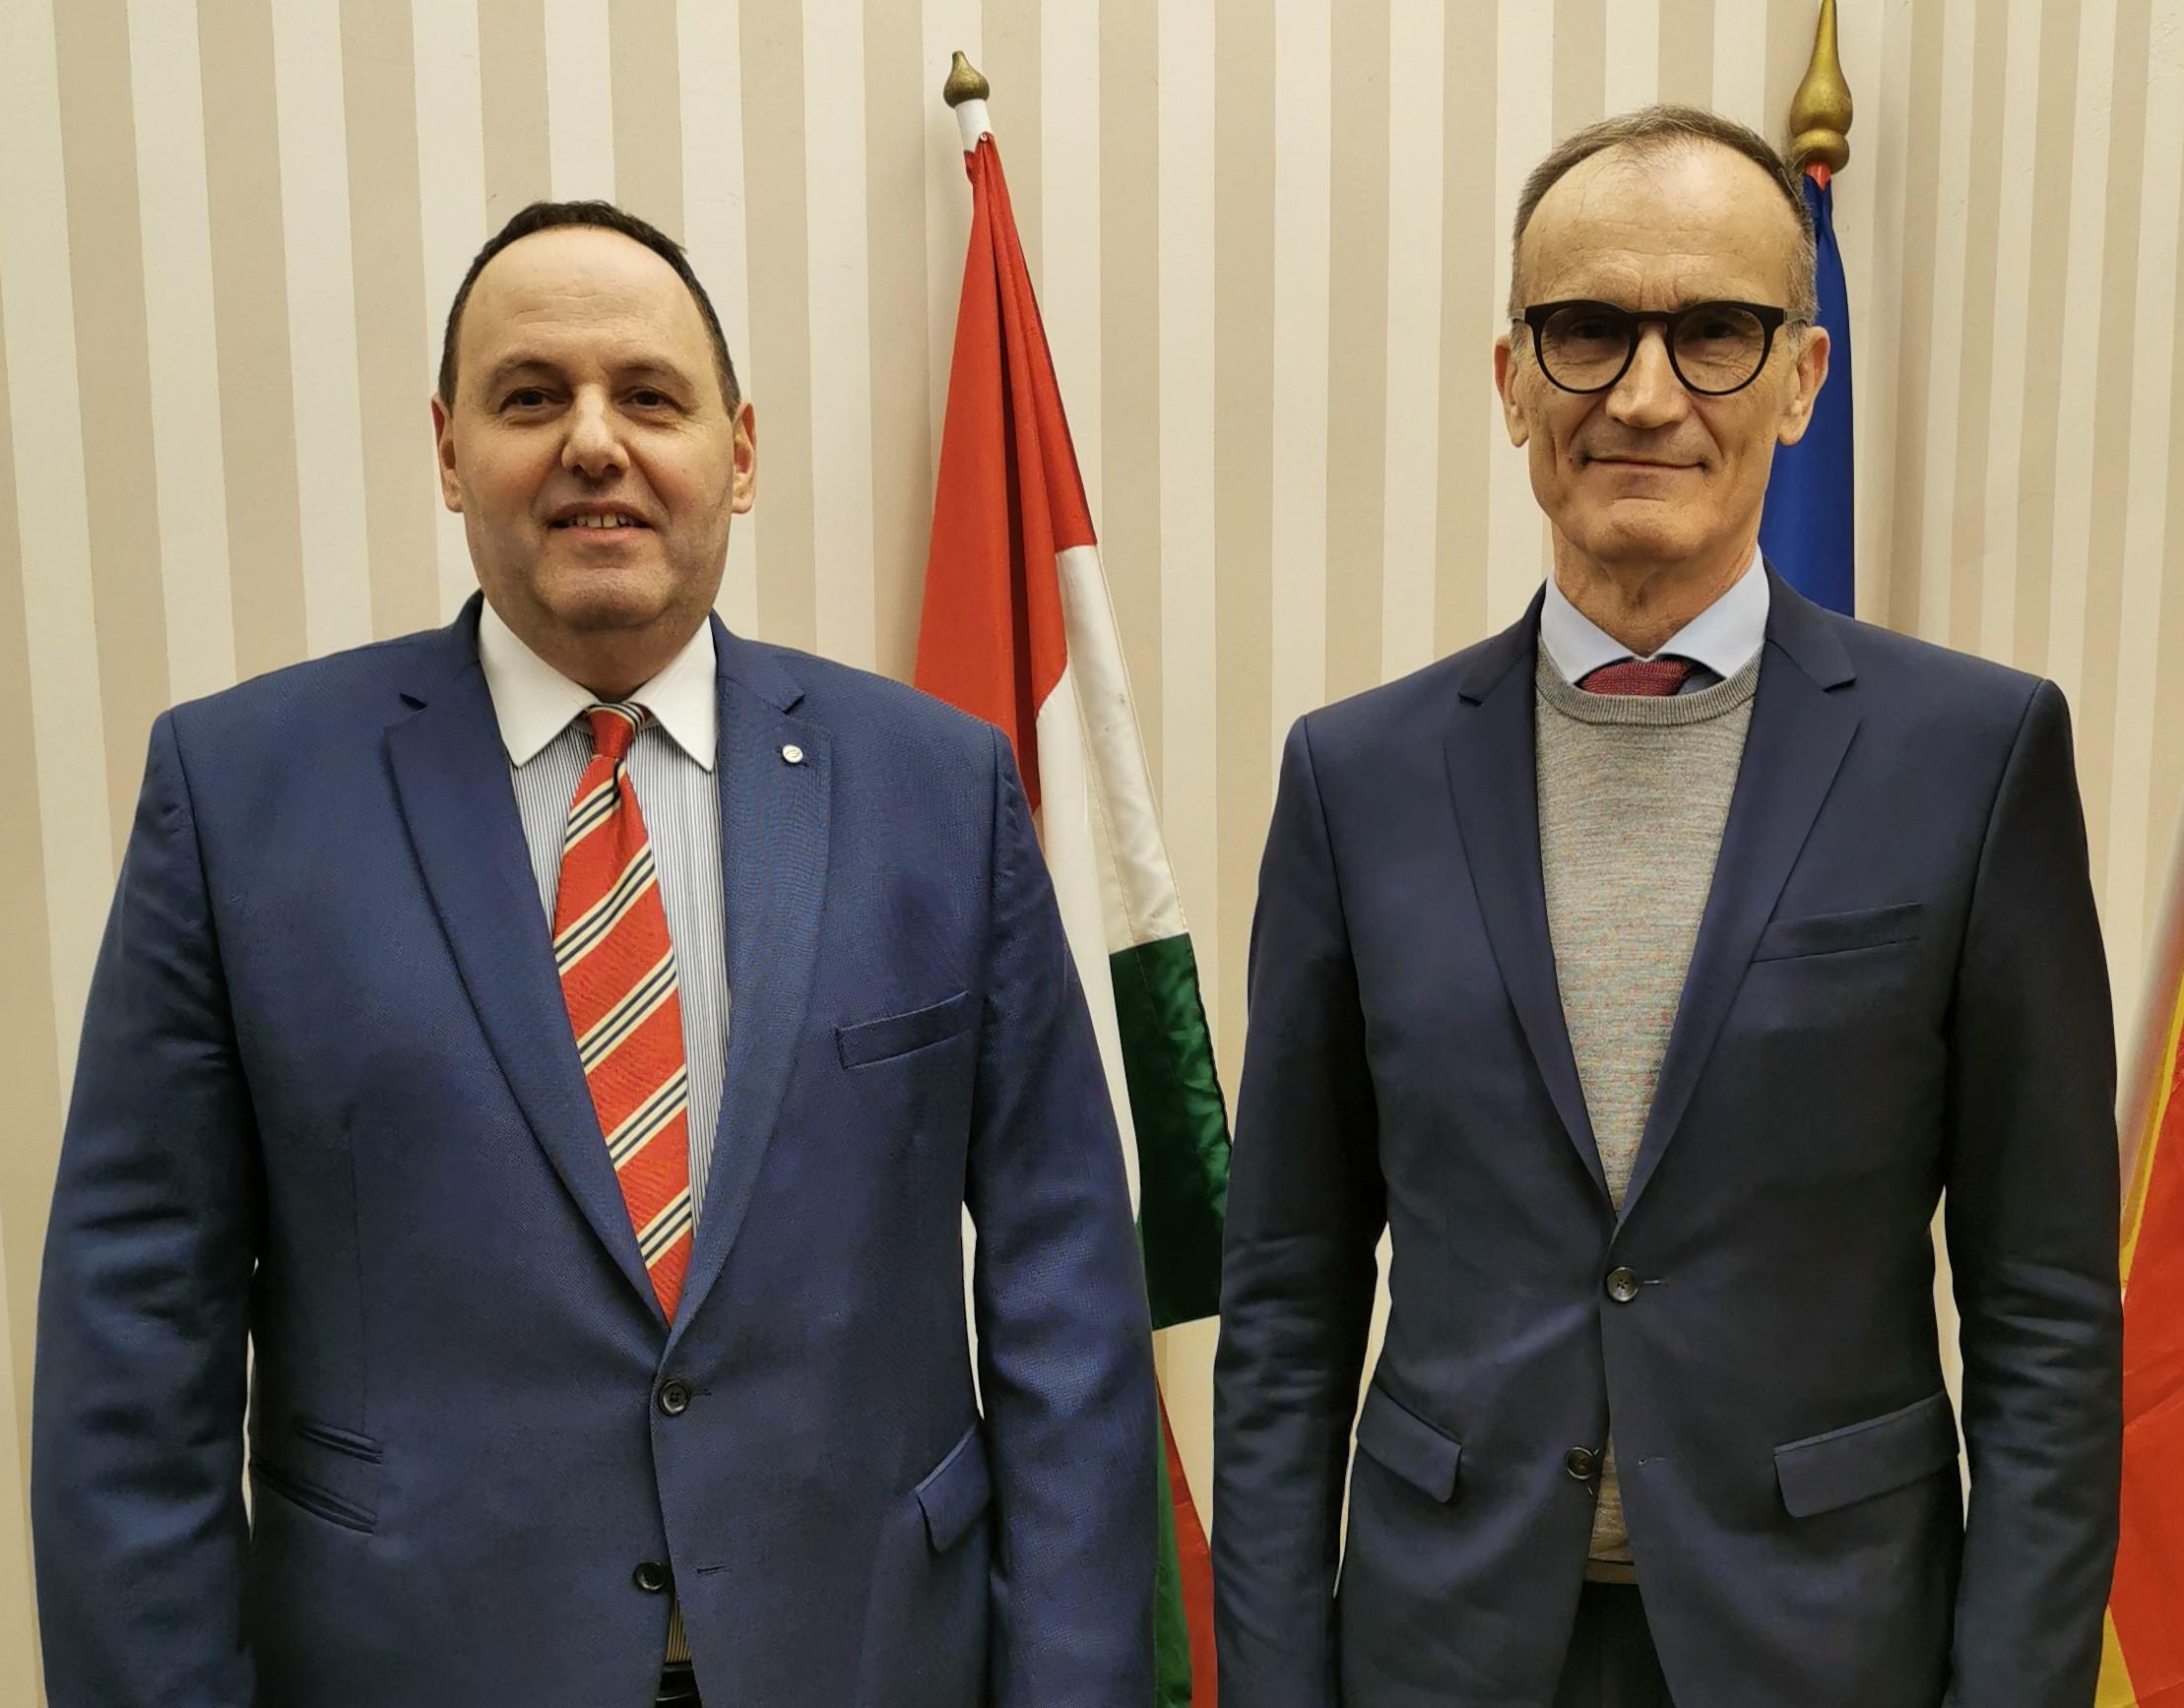 Németország magyarországi nagykövete a BZSH elnökénél járt